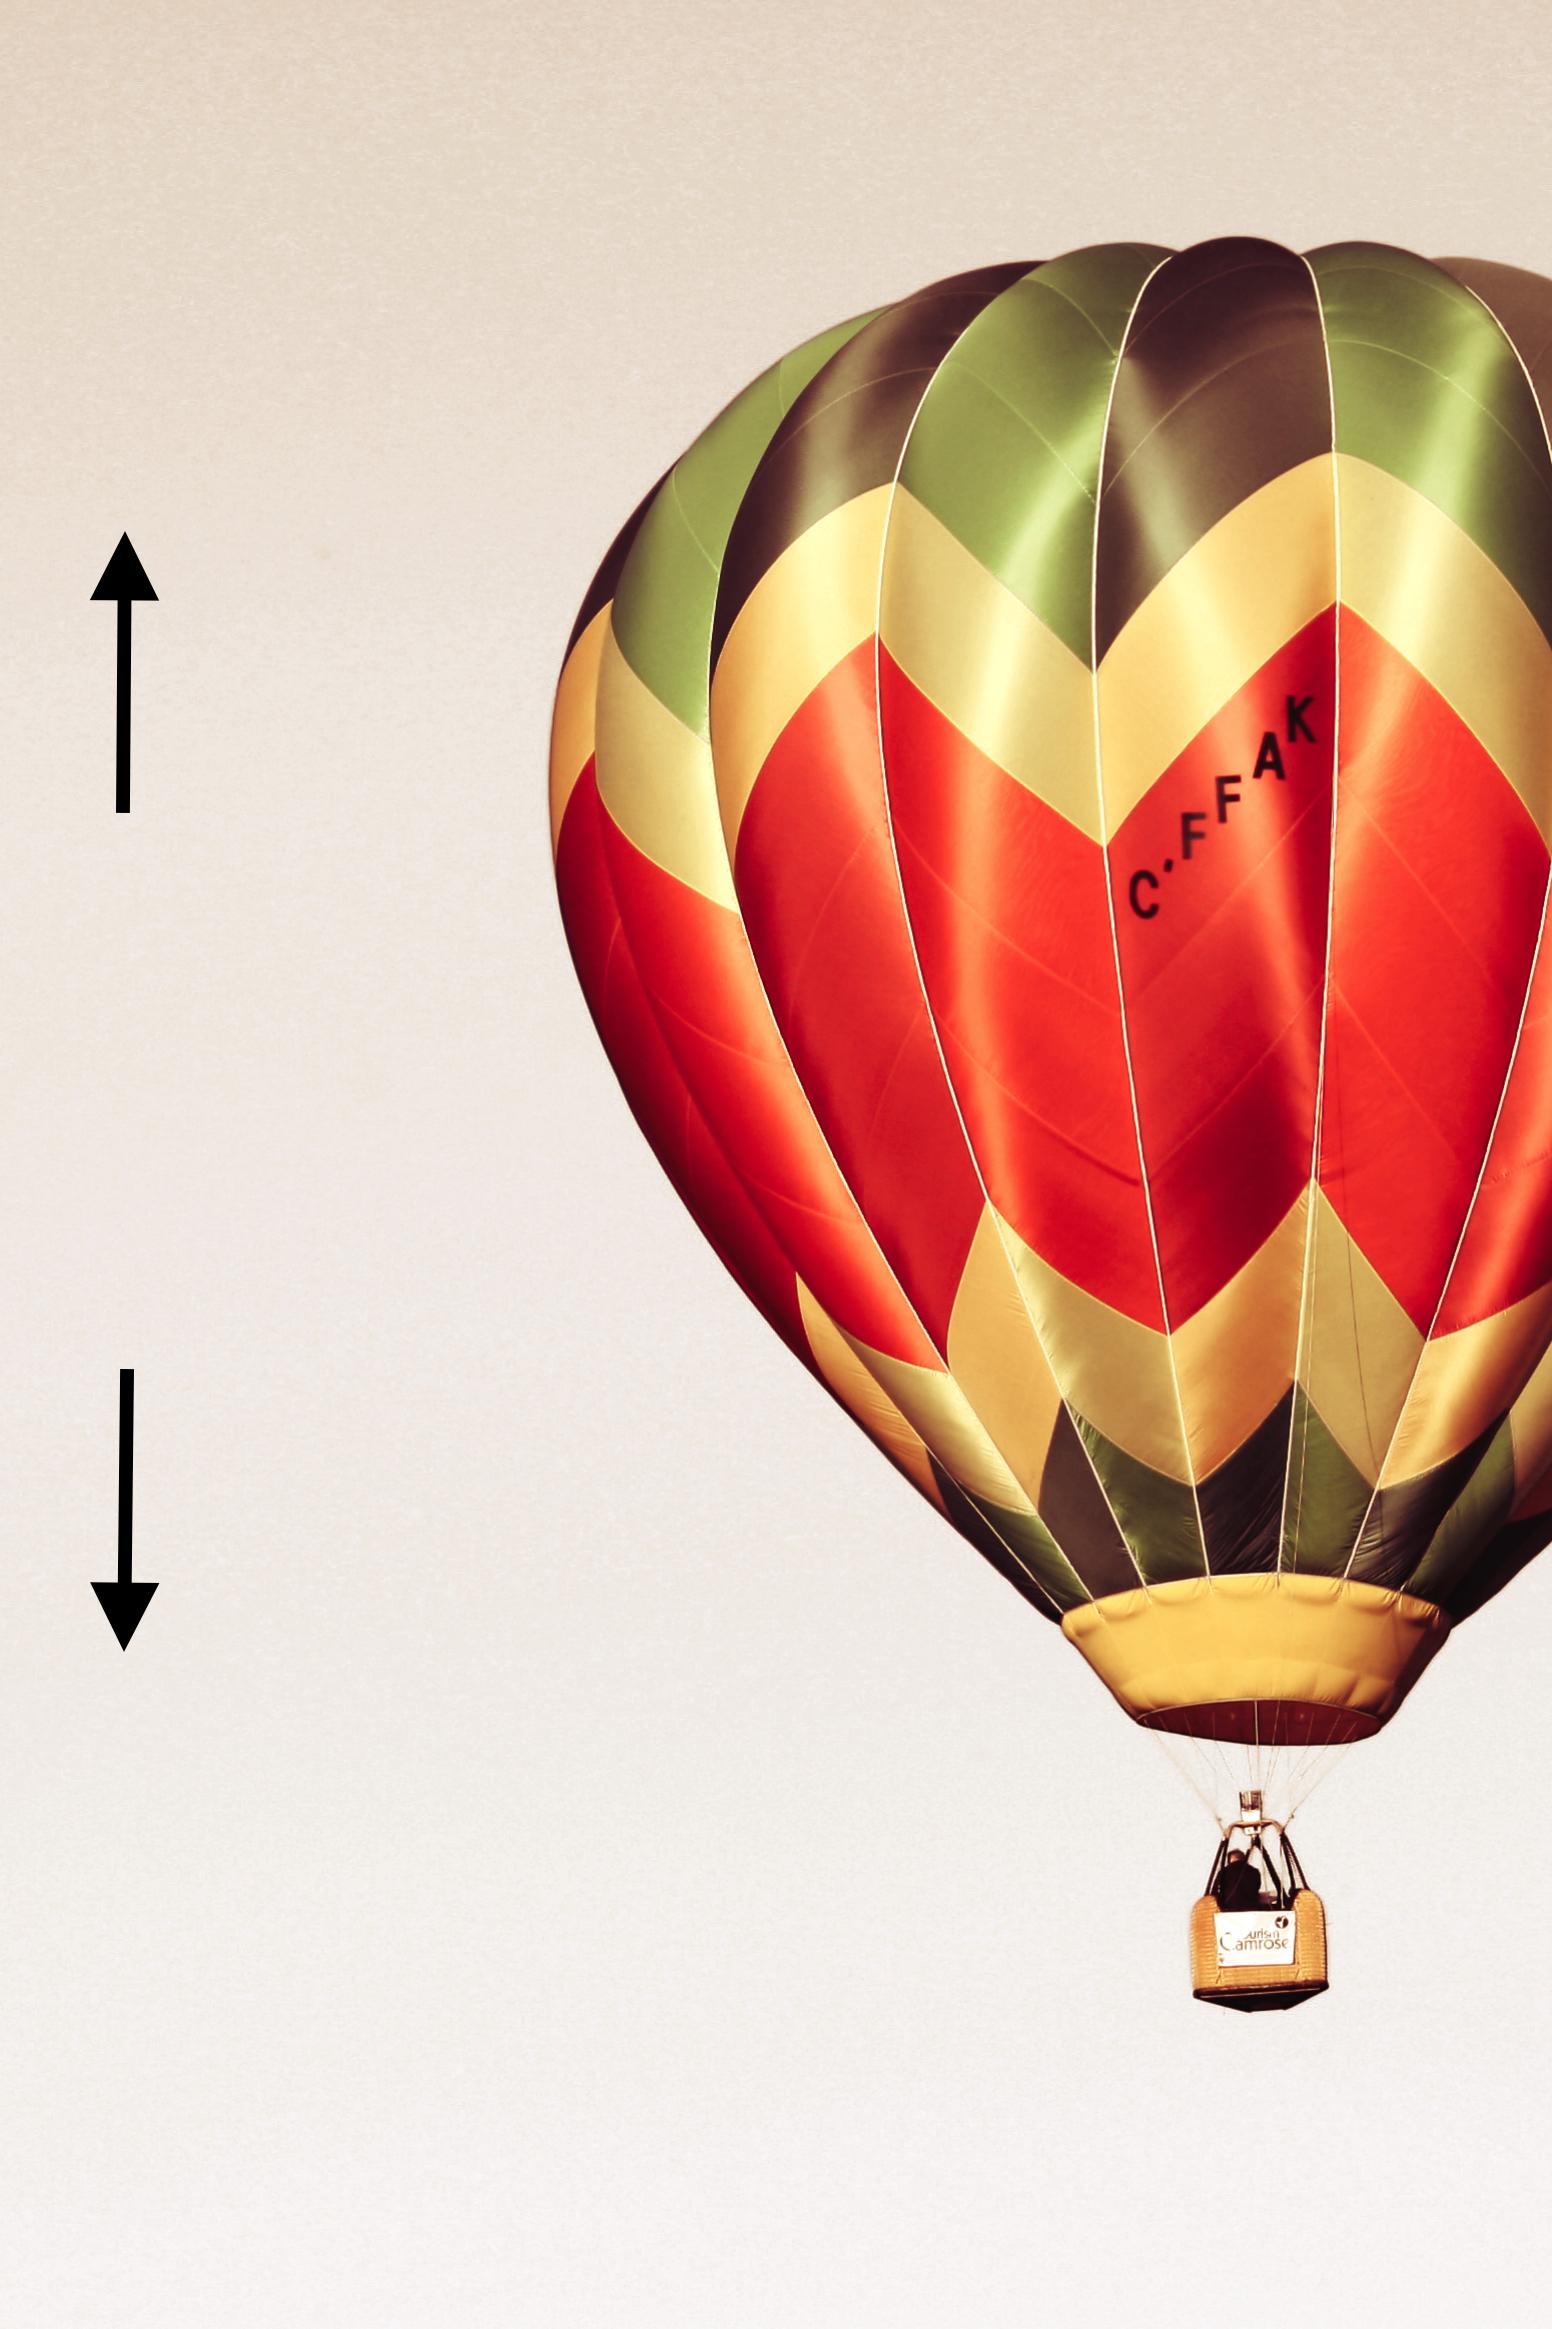 Immagine fisica colori 2 la tigre di carta - Immagine di terra a colori ...